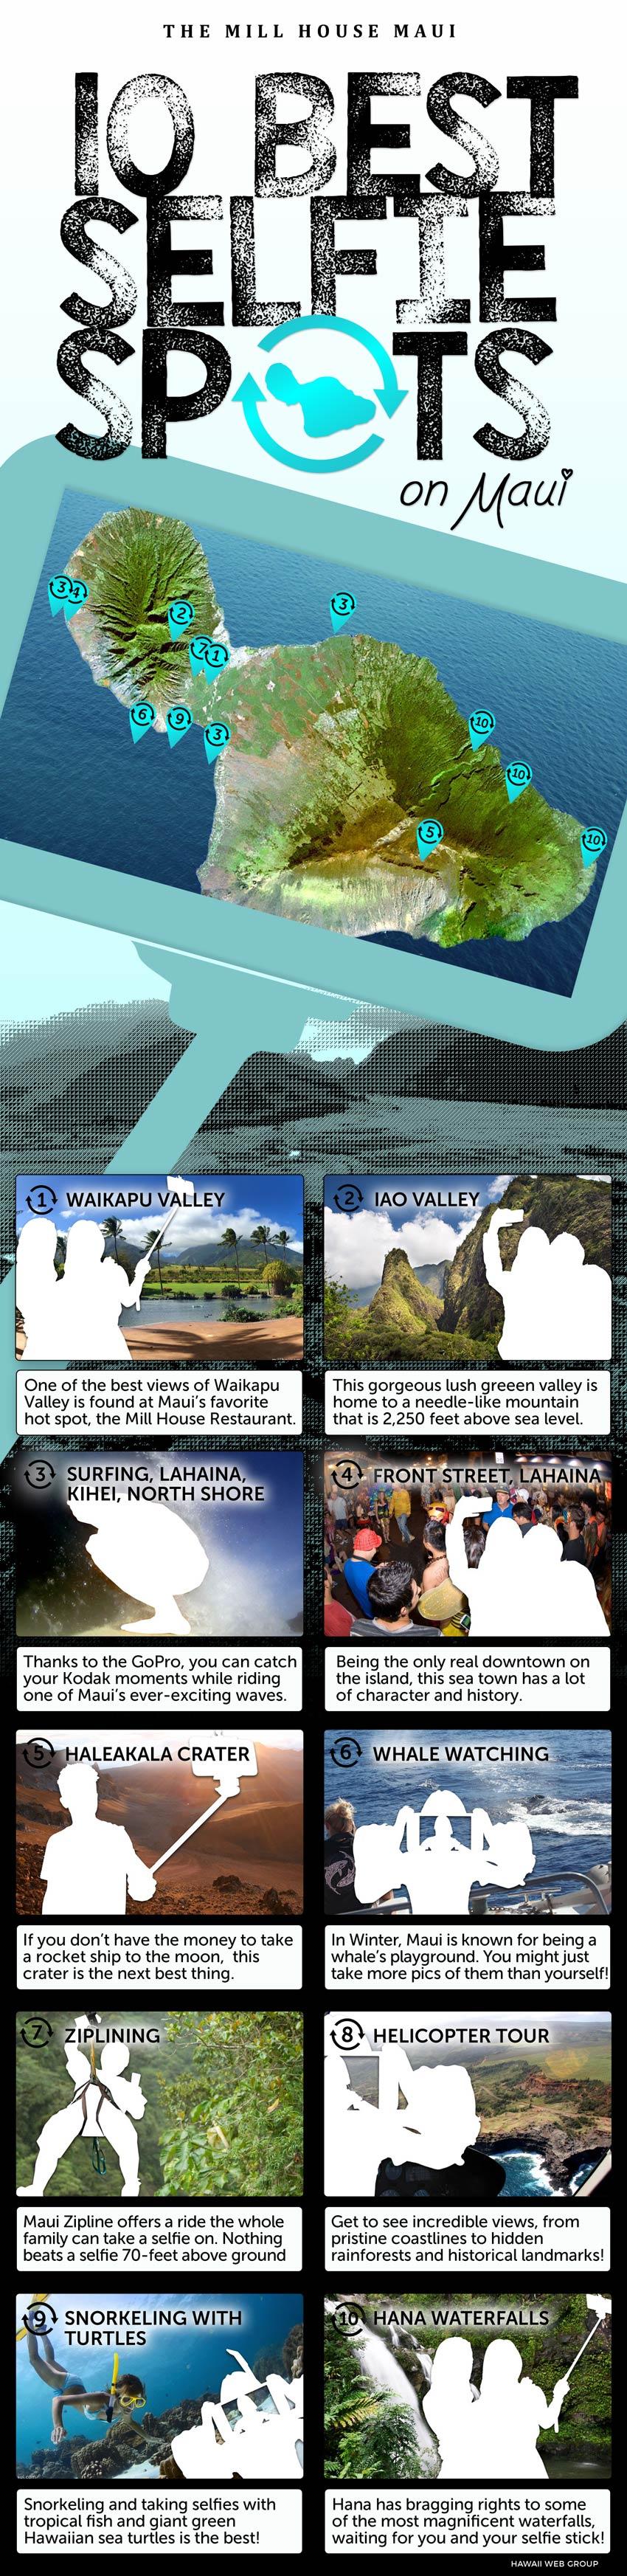 maui 10 best selfie spots infographic